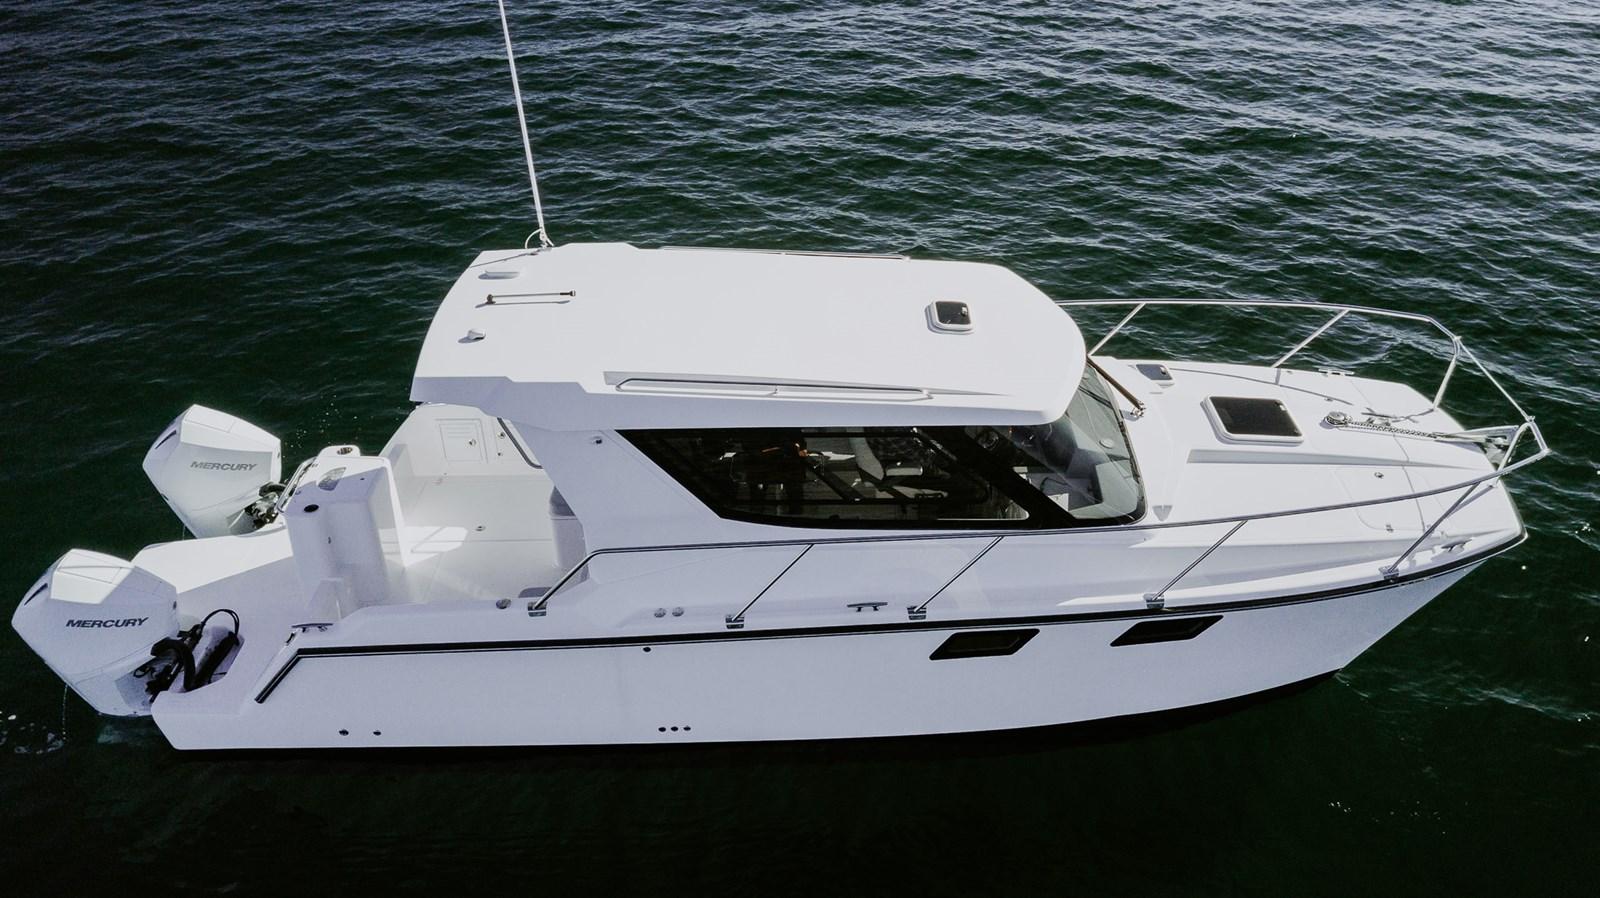 Arrowcat 320